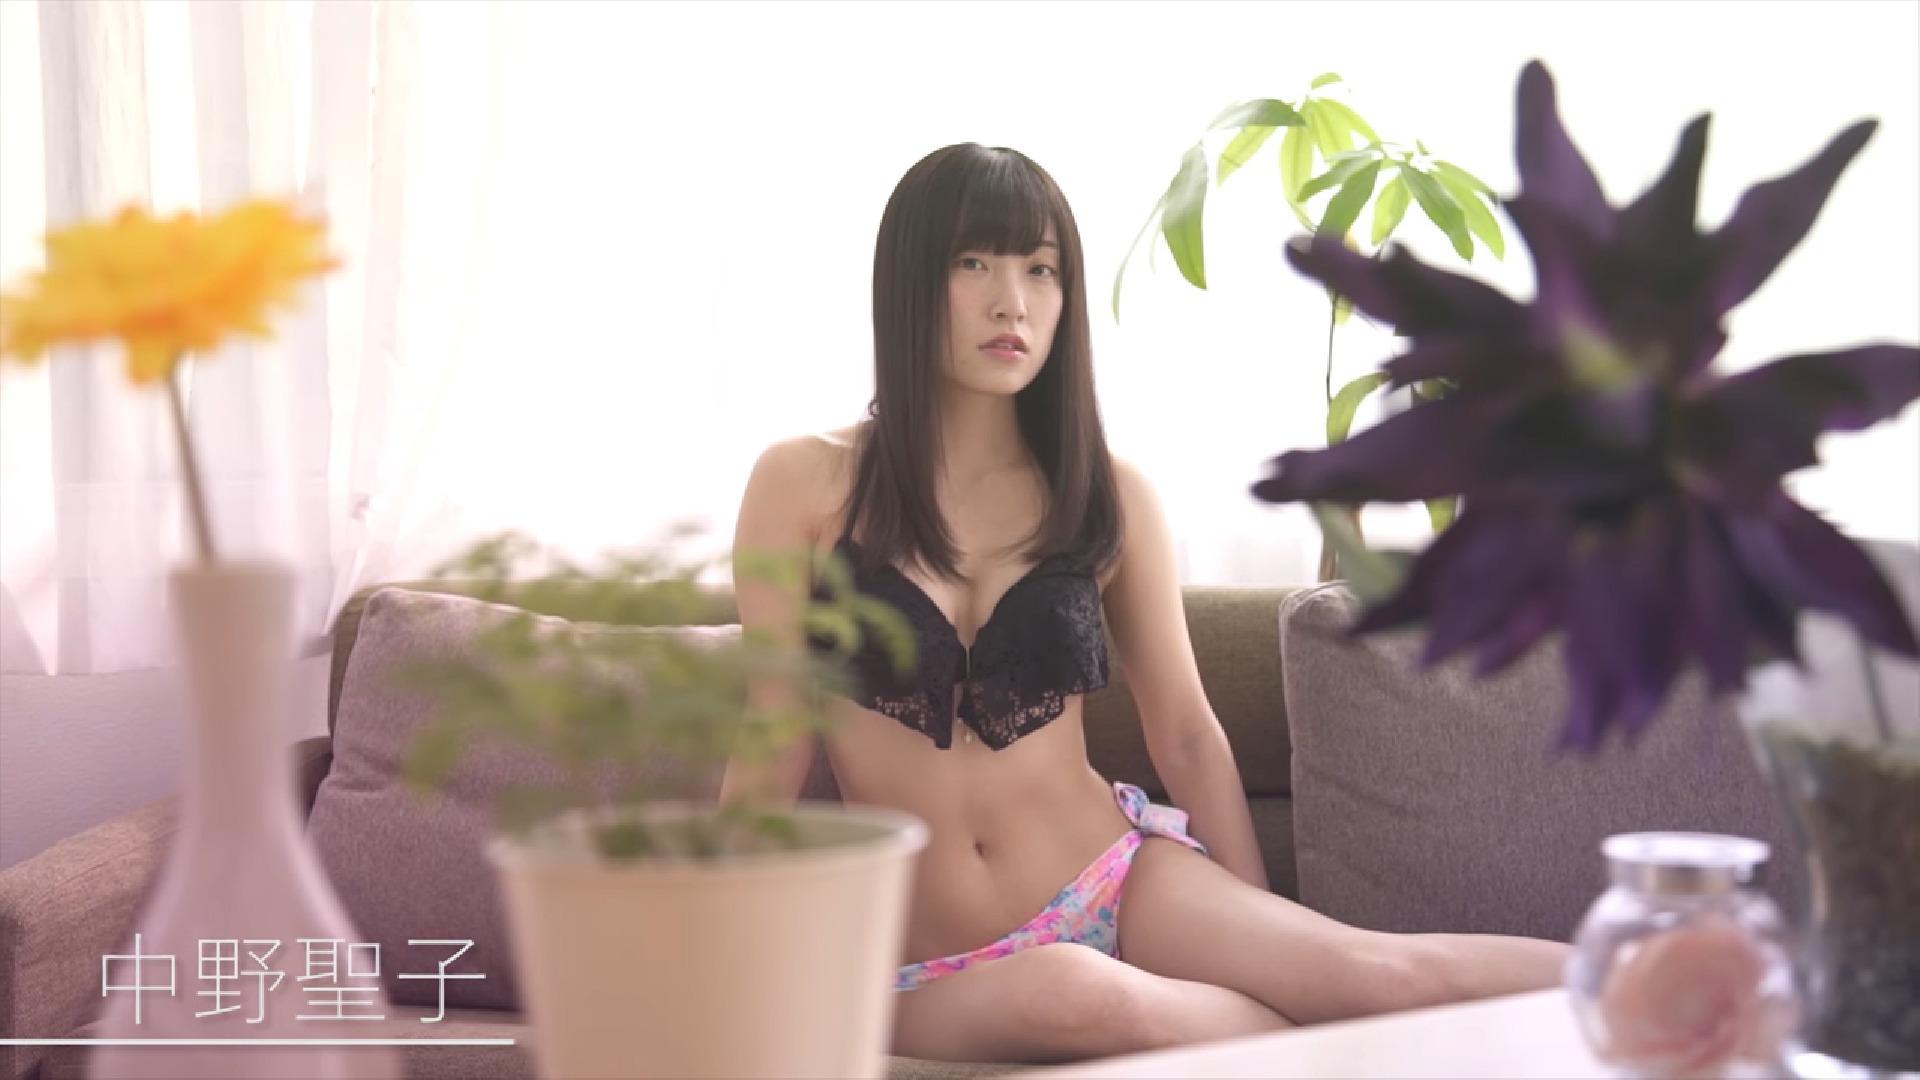 【中野聖子】Cカップ ミス東スポ2018選考オーディショングラビア動画